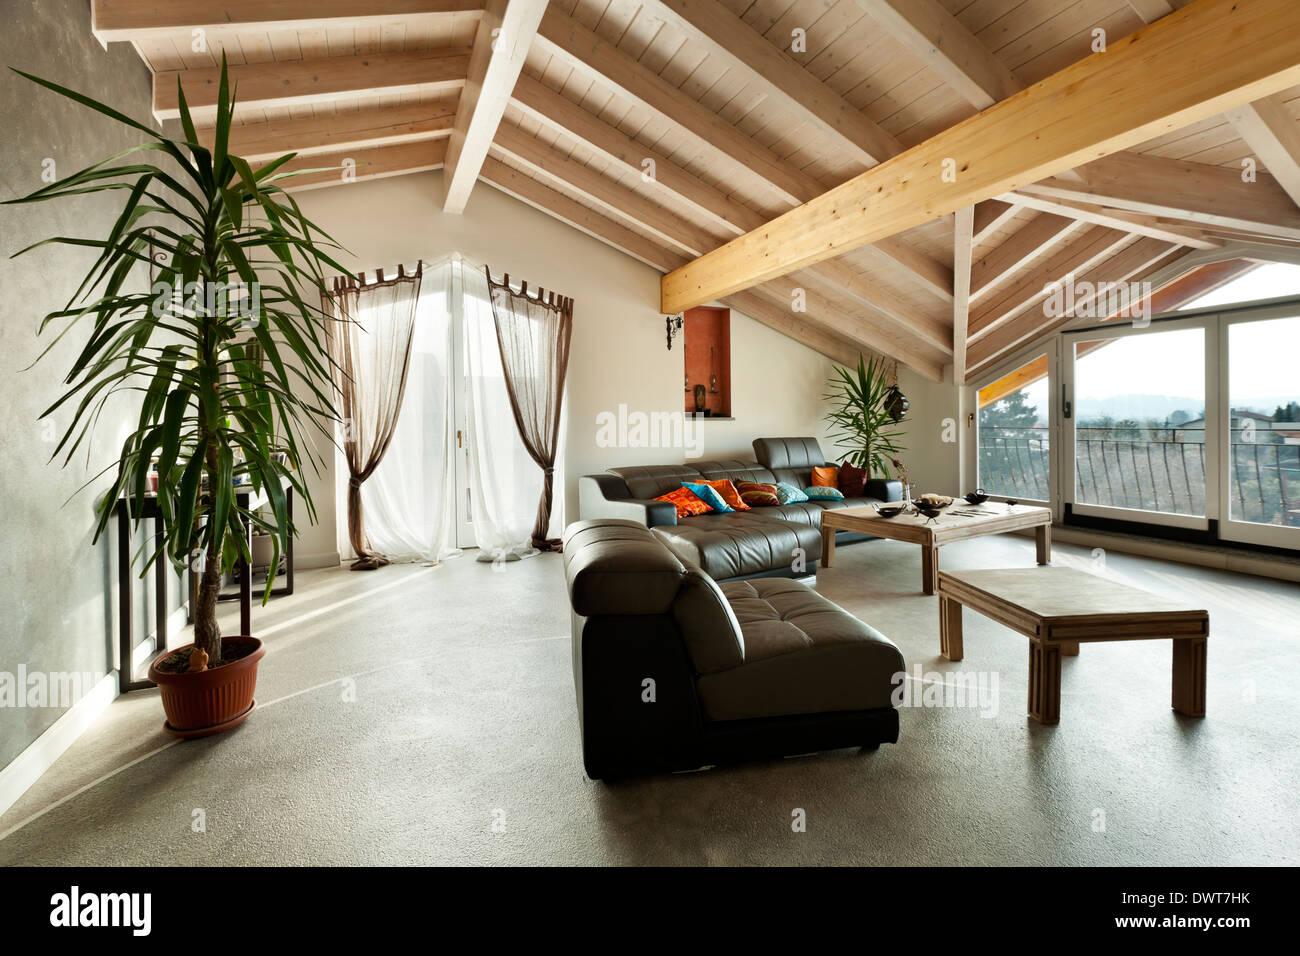 Innen Neue Loft Ethnische Mobel Wohnzimmer Stockfoto Bild